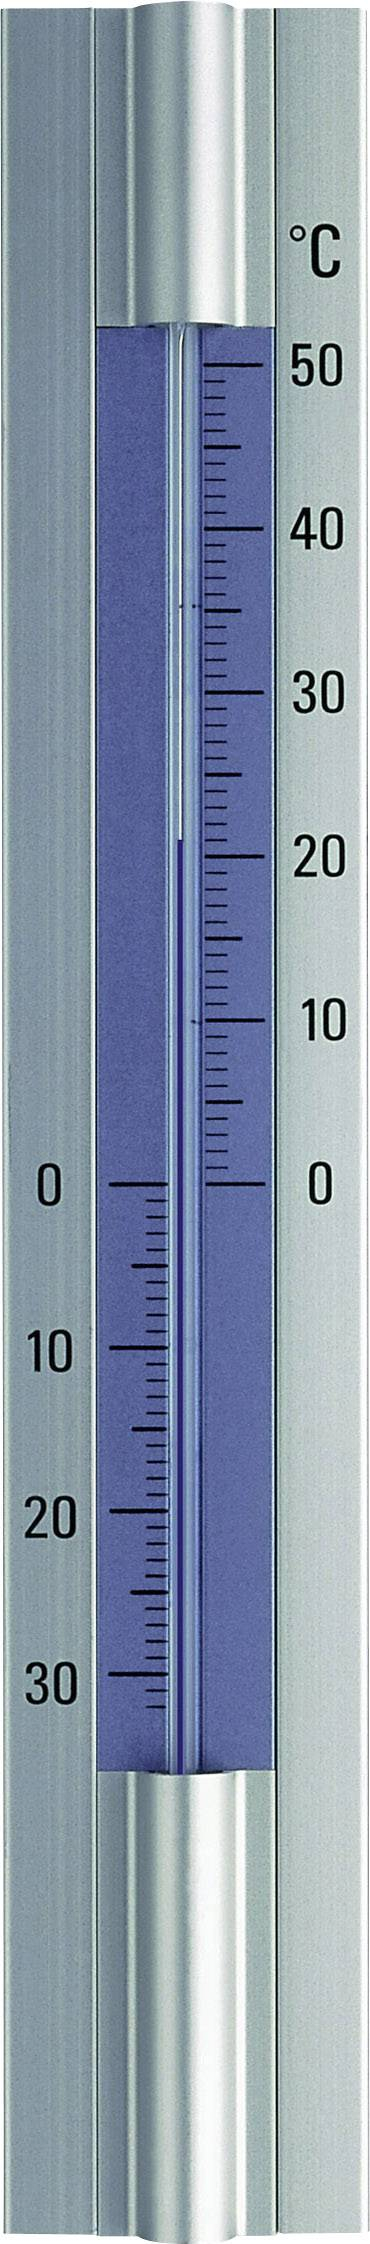 Teplomer TFA 12.2045, hliník, strieborná